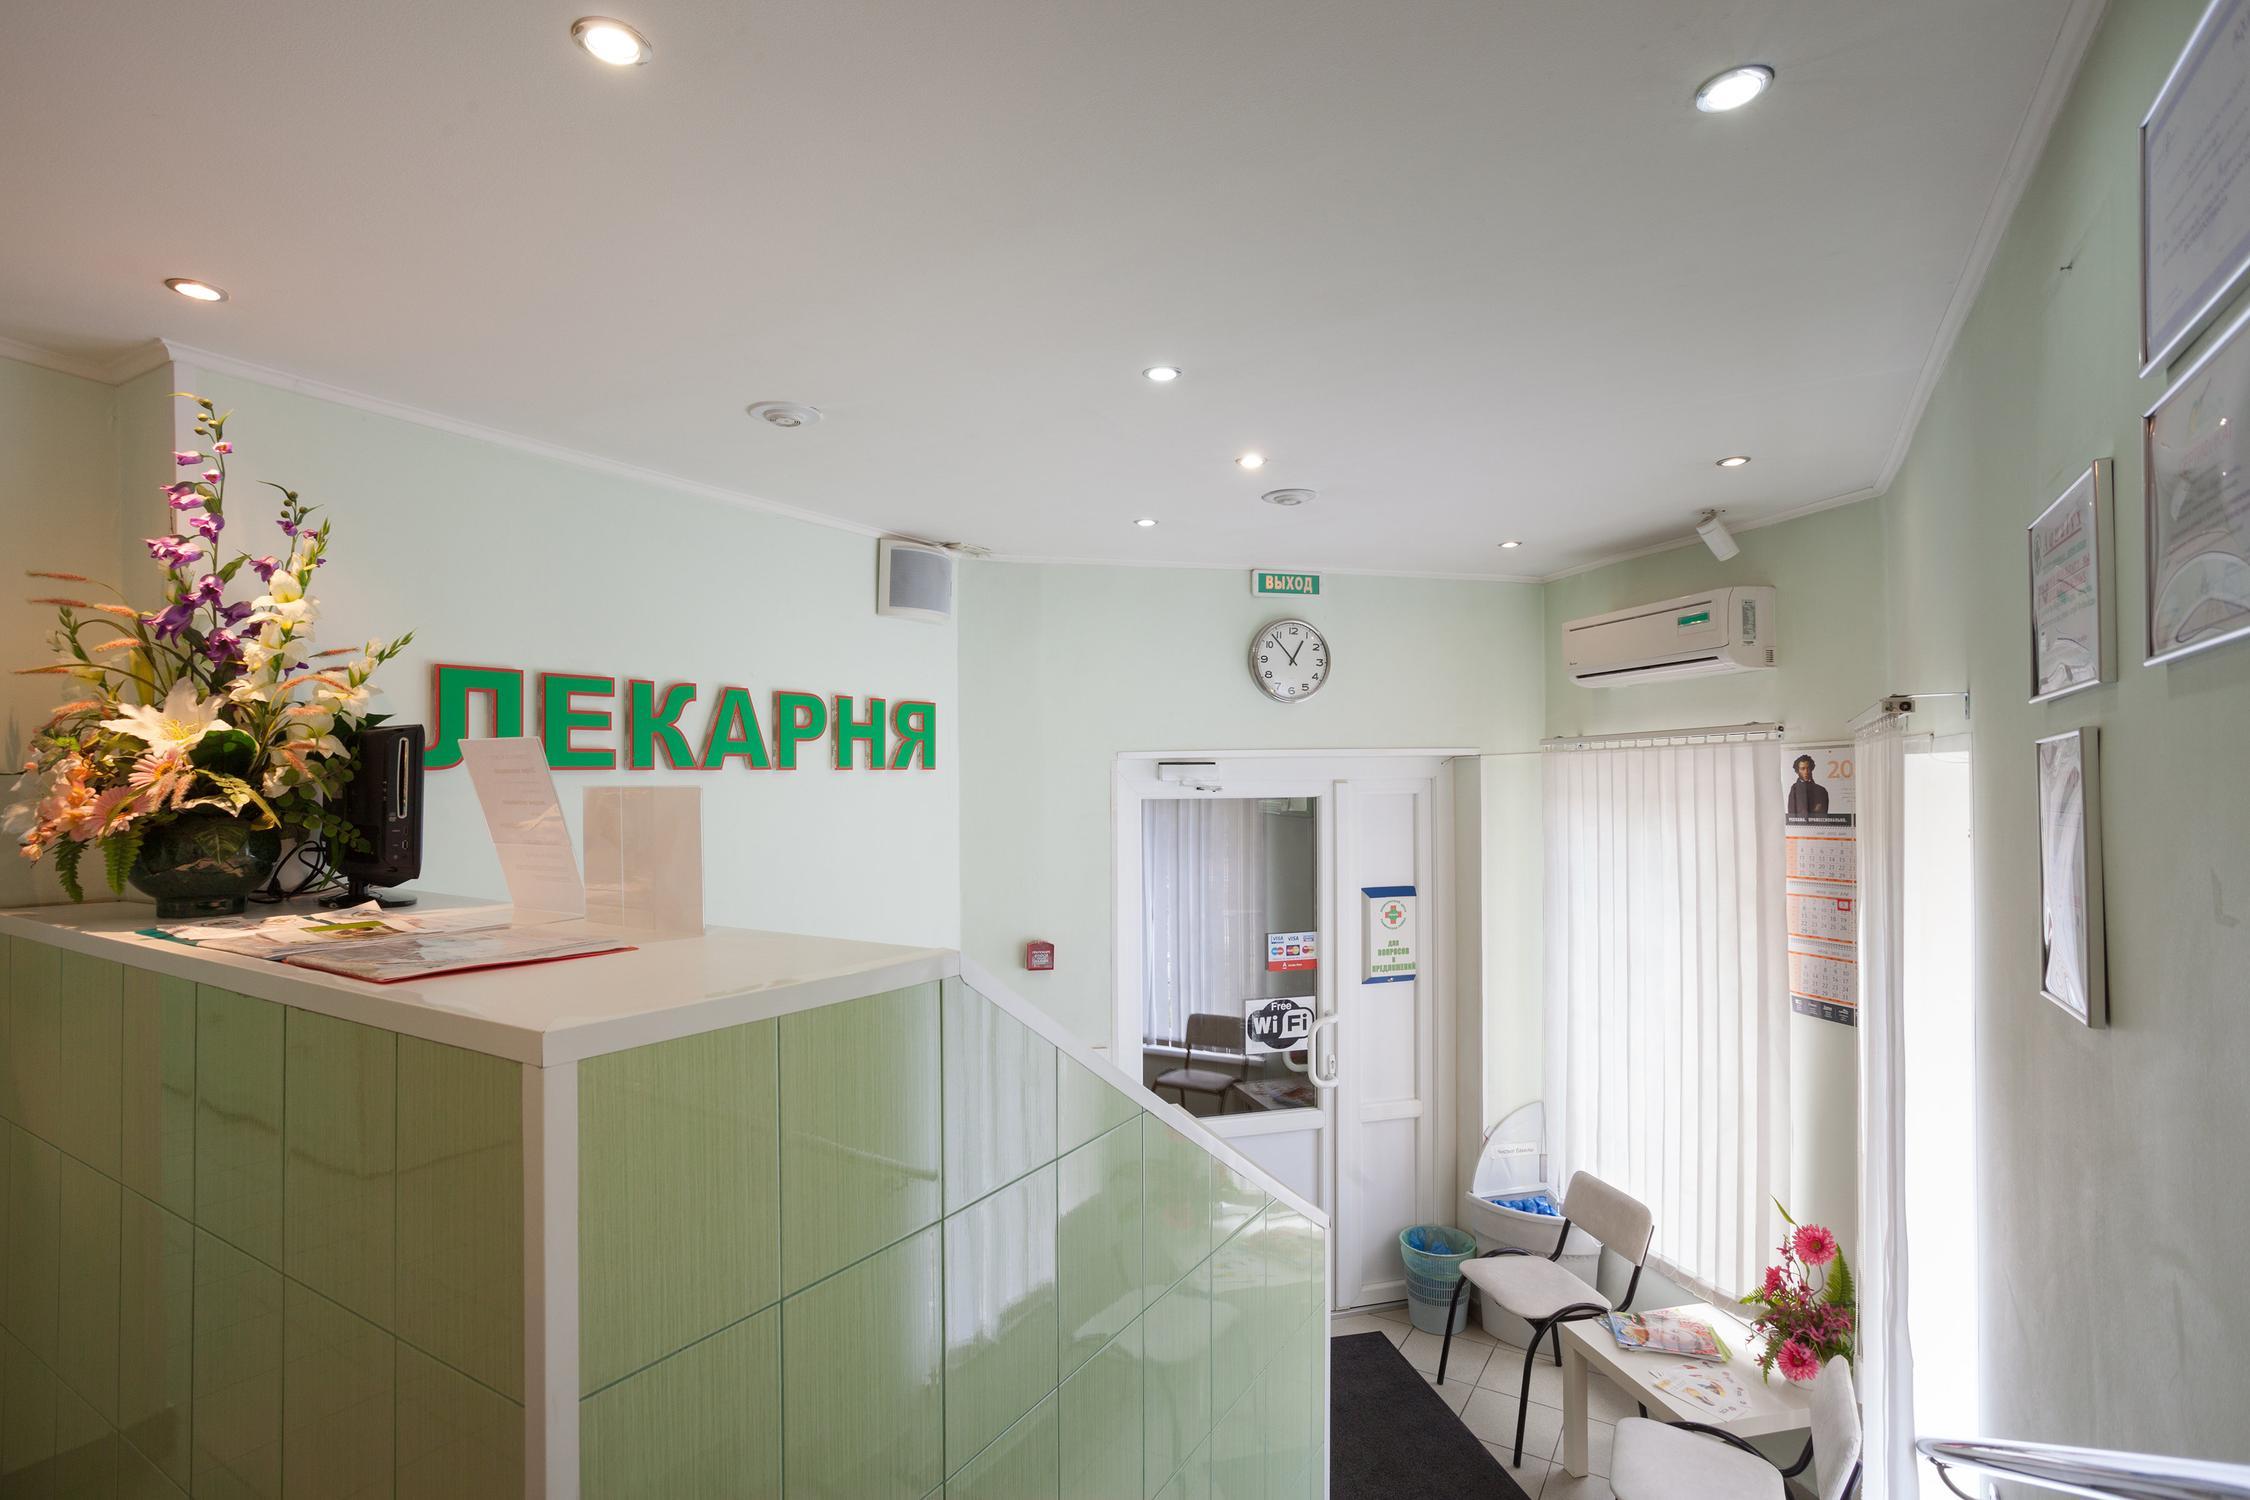 фотография Медицинского центра Лекарь Павшинская пойма в Красногорске